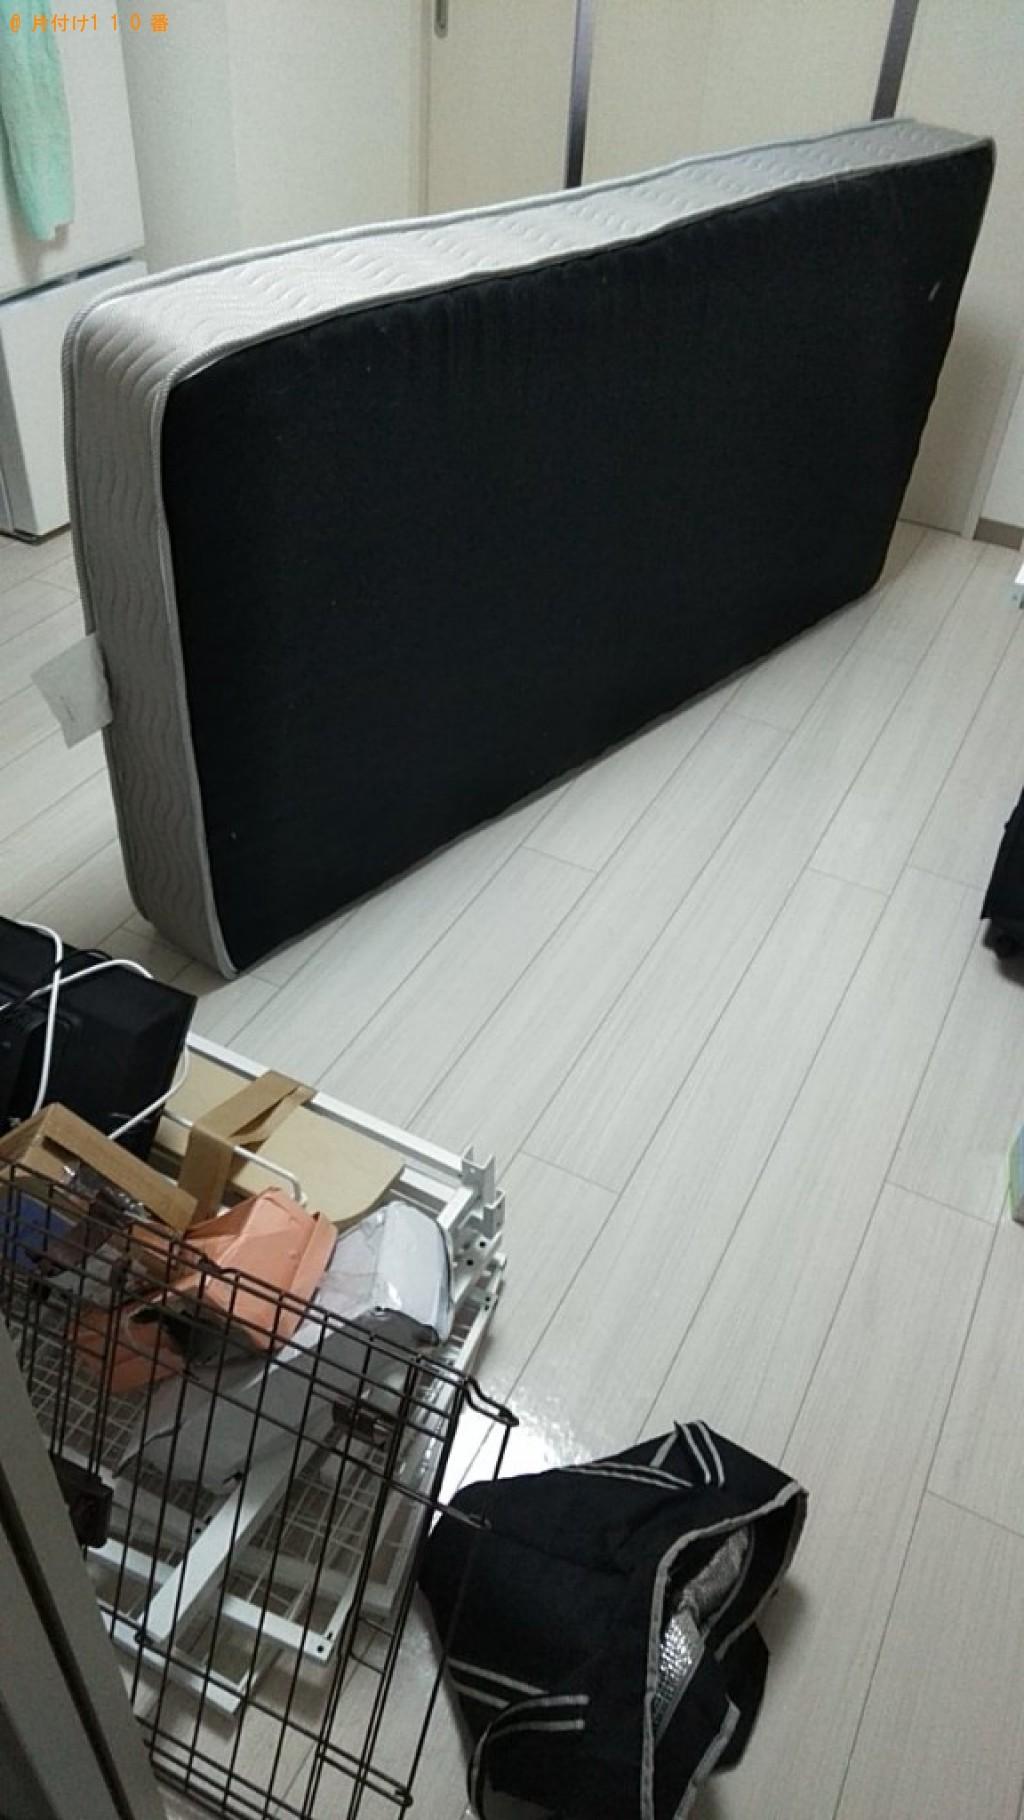 【松山市柳井町】折り畳みベッド、シングルベッドマットレスの回収